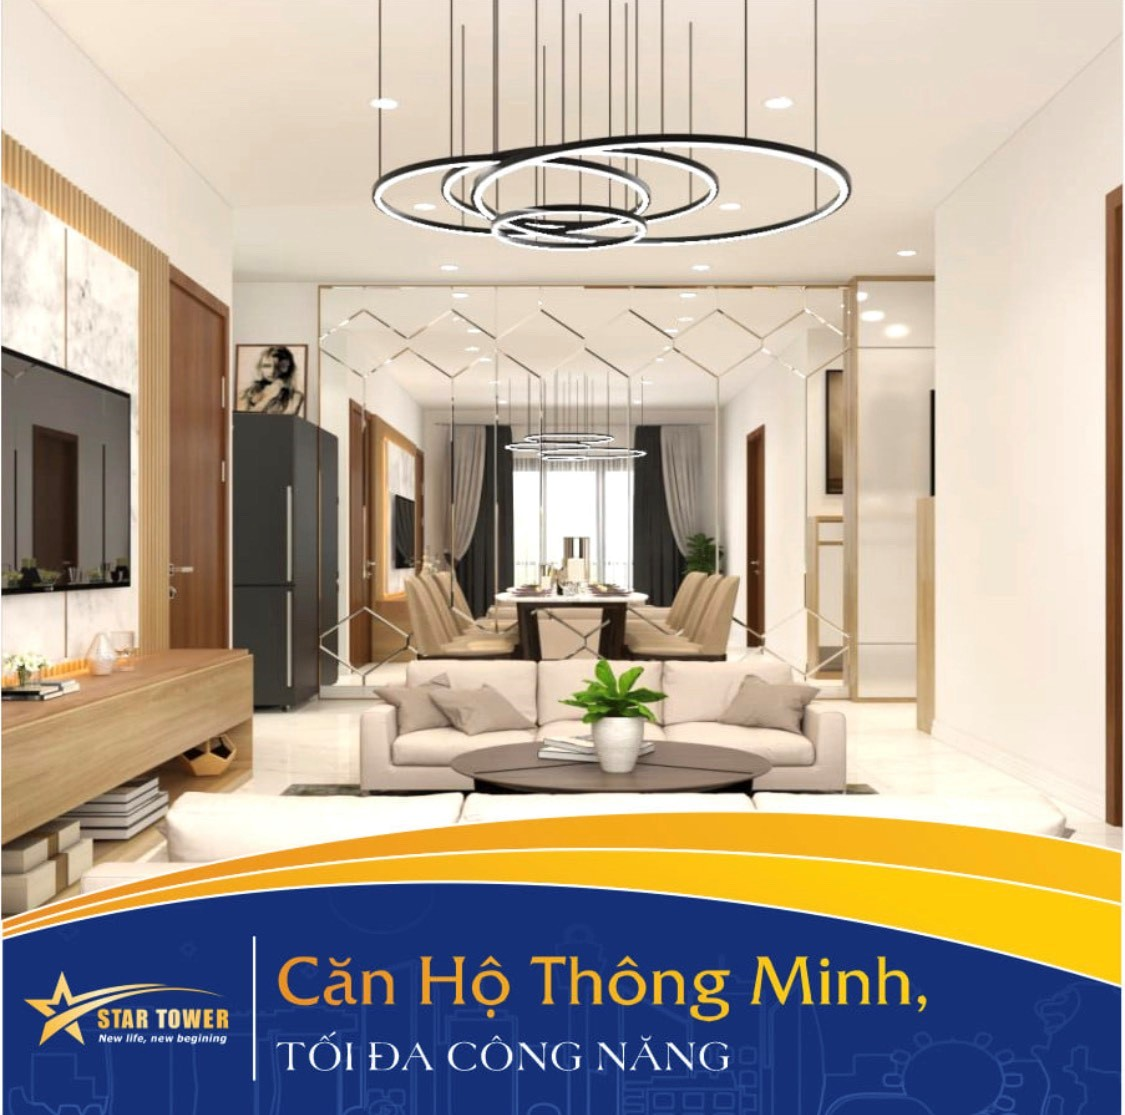 Dự án Star Tower An Phú, Thuận An vượt tiến độ thi công, khách hàng sớm nhận nhà trong năm nay.